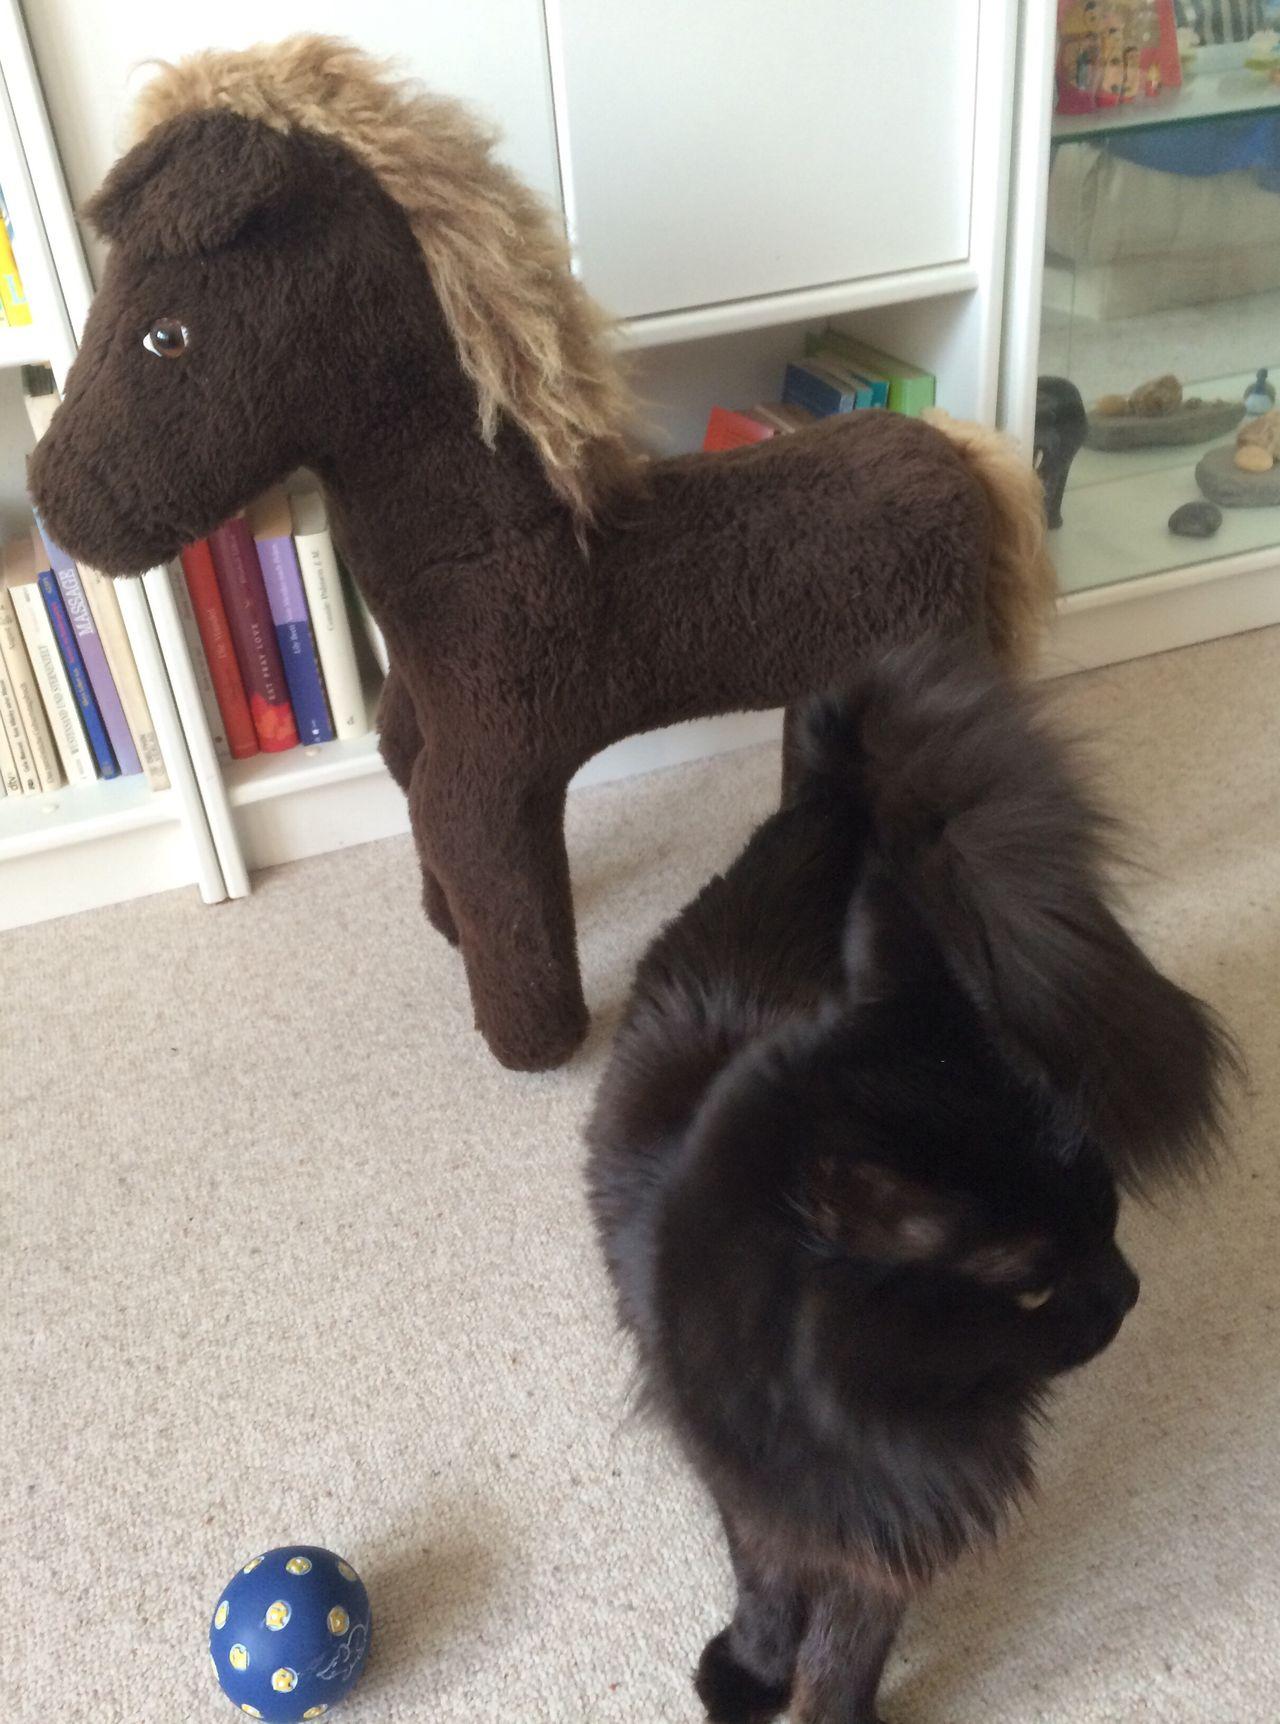 Cat Black Cat curiosity Pets Close-up At Home